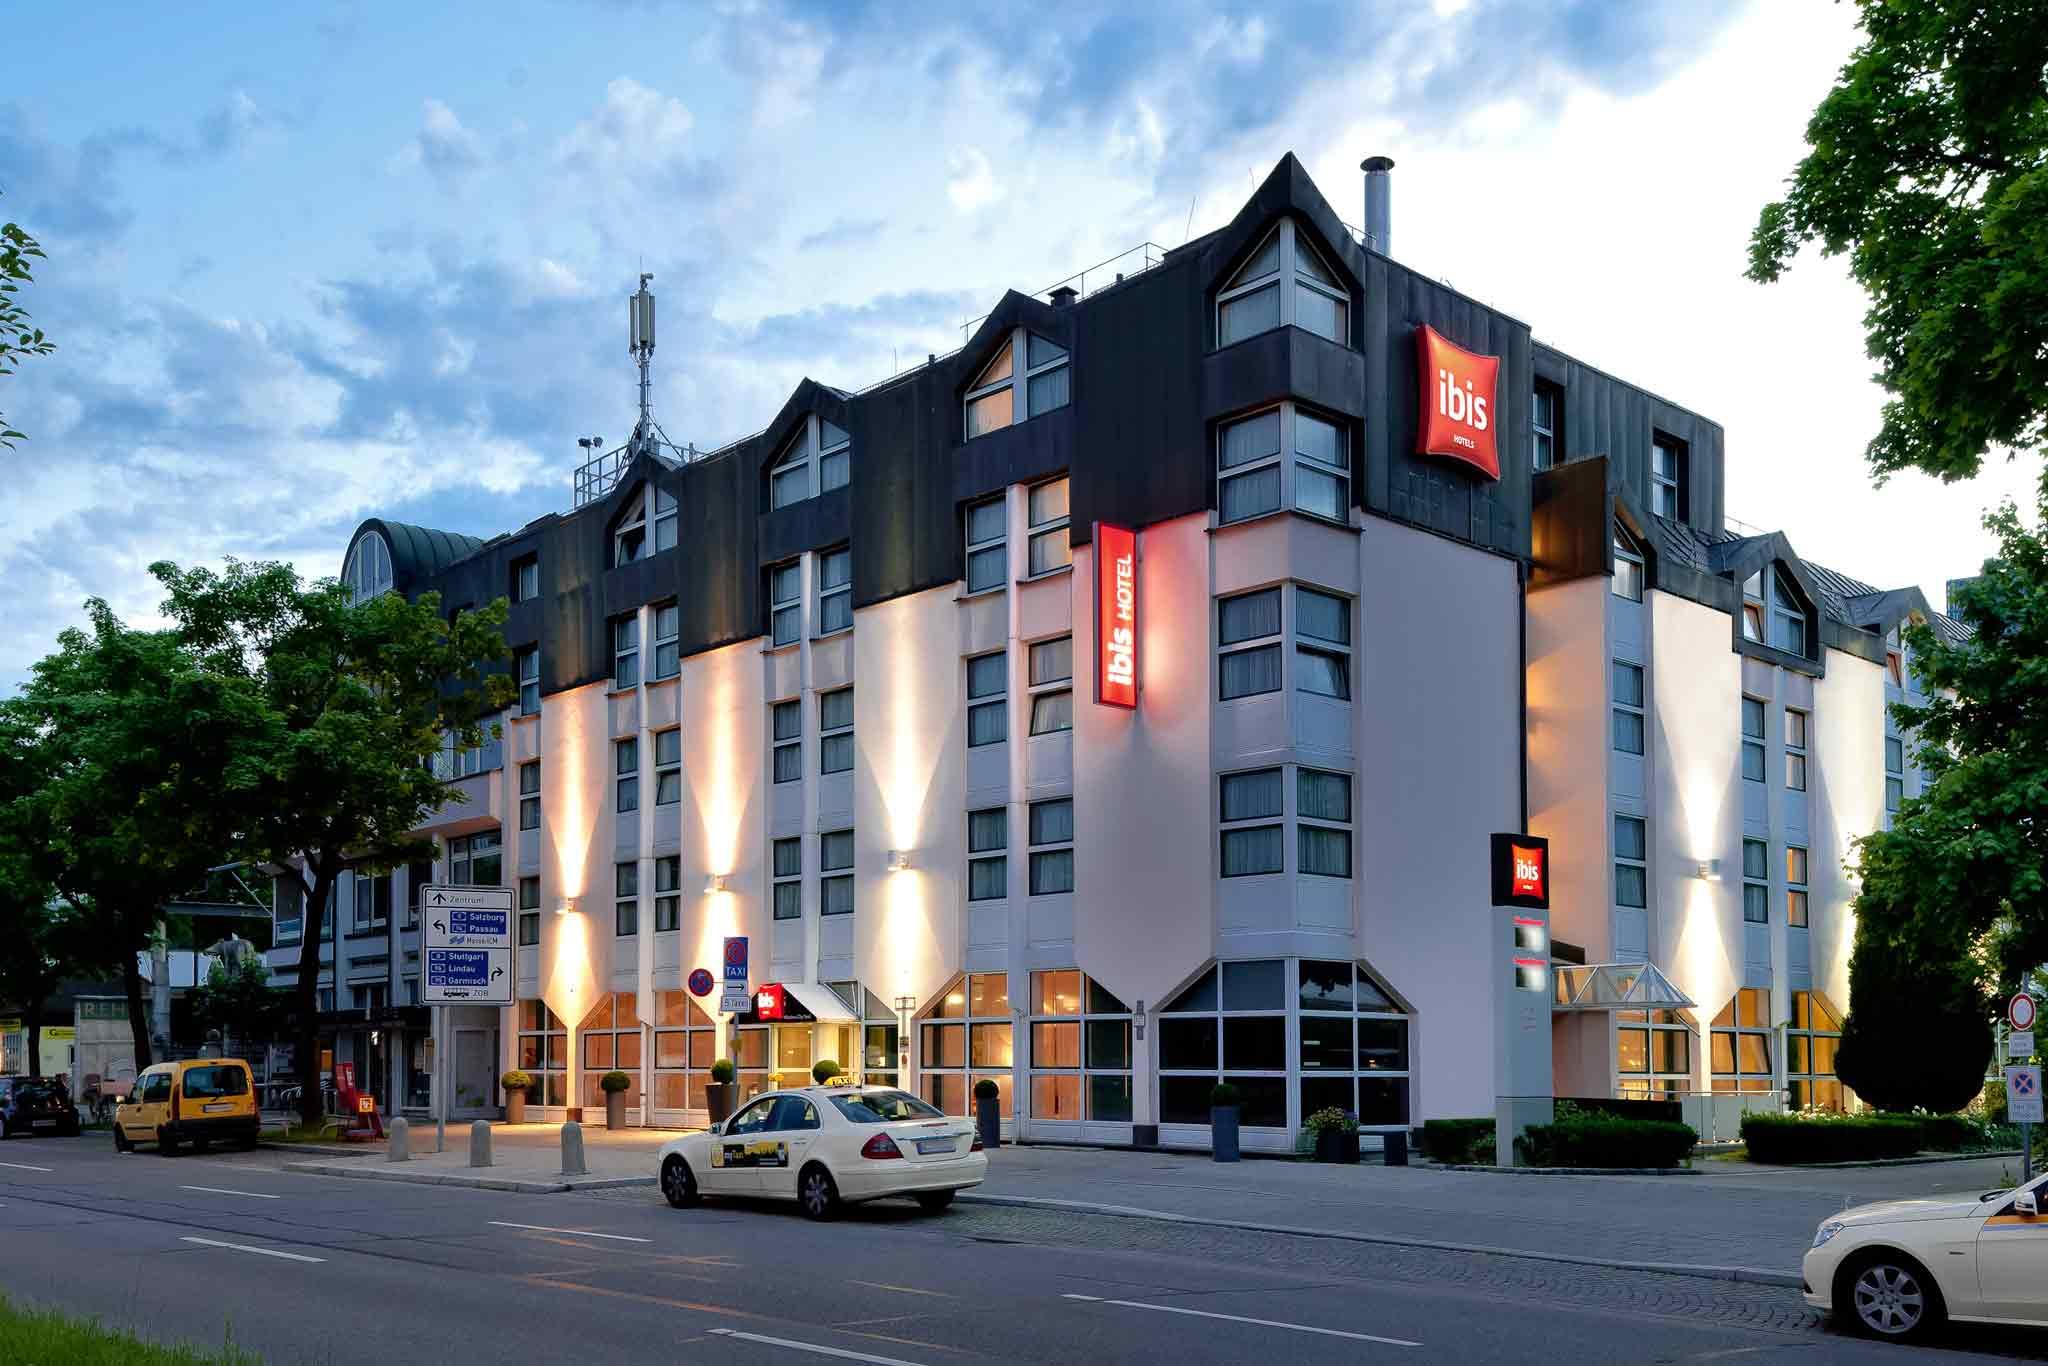 โรงแรม – ไอบิส มุนเช่น ซิตี้ นอร์